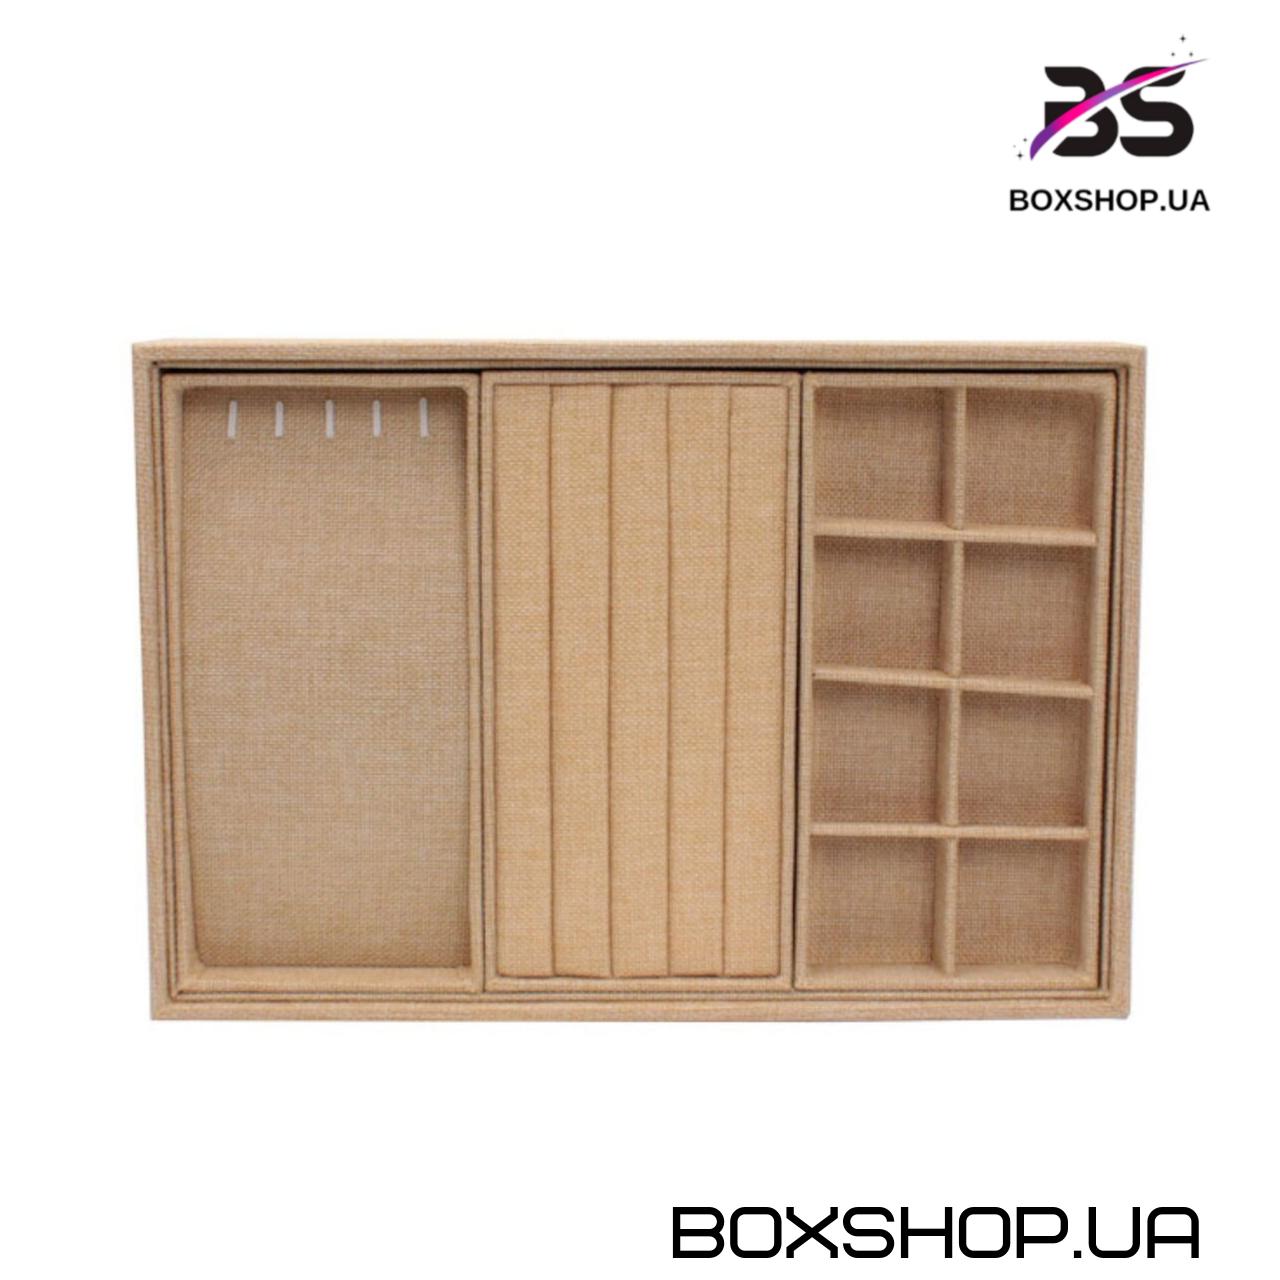 Ювелирный планшет BOXSHOP - 1022243310